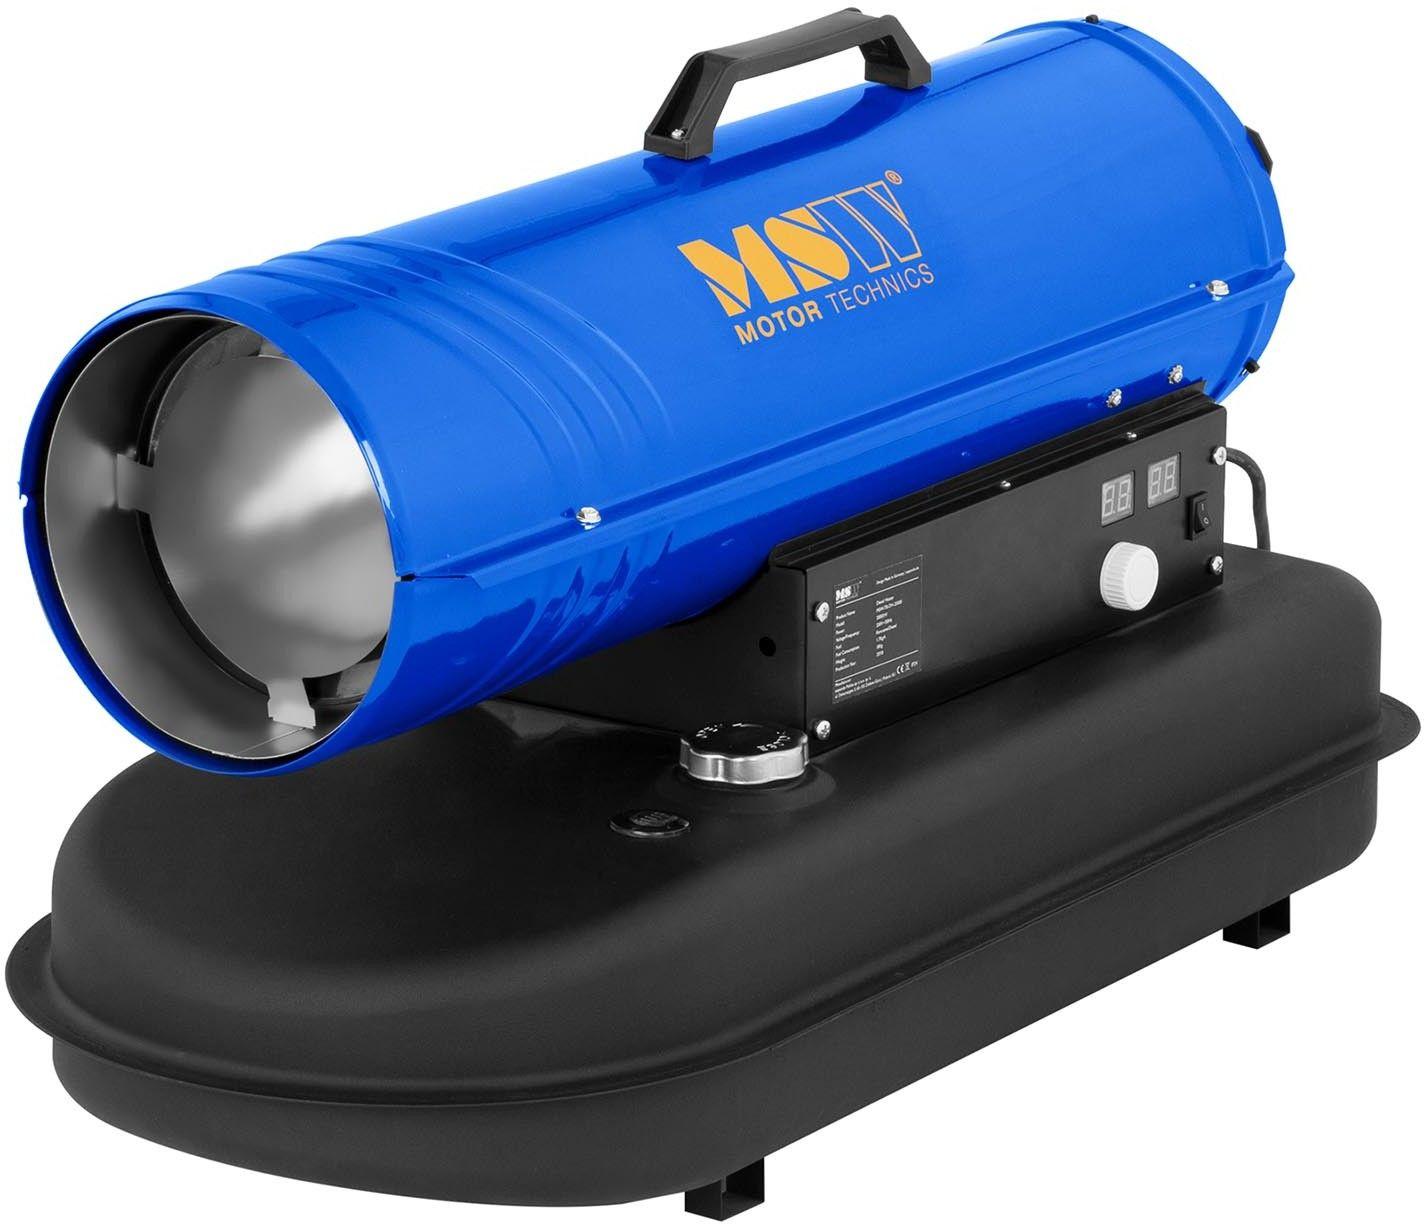 Nagrzewnica olejowa - 20 kW - 600 m/h - MSW - MSW-TB-DH-20000 - 3 lata gwarancji/wysyłka w 24h